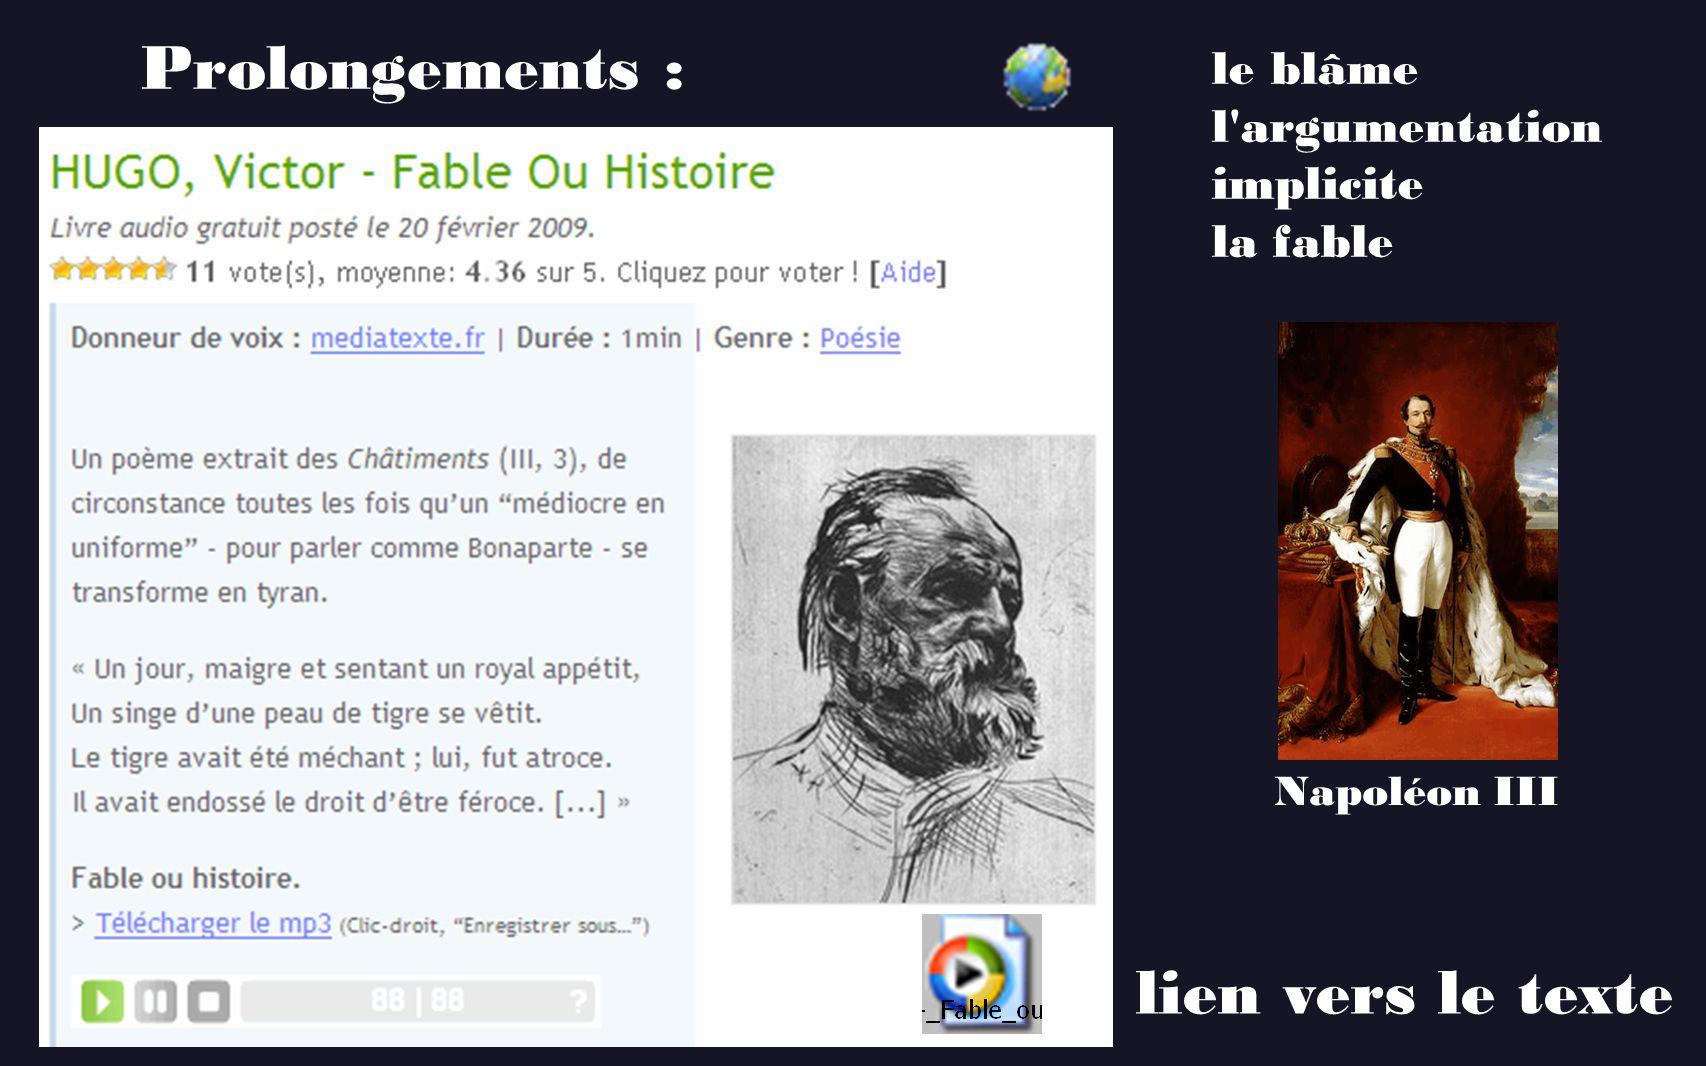 le blâme l'argumentation implicite la fable Napoléon III lien vers le texte Prolongements :